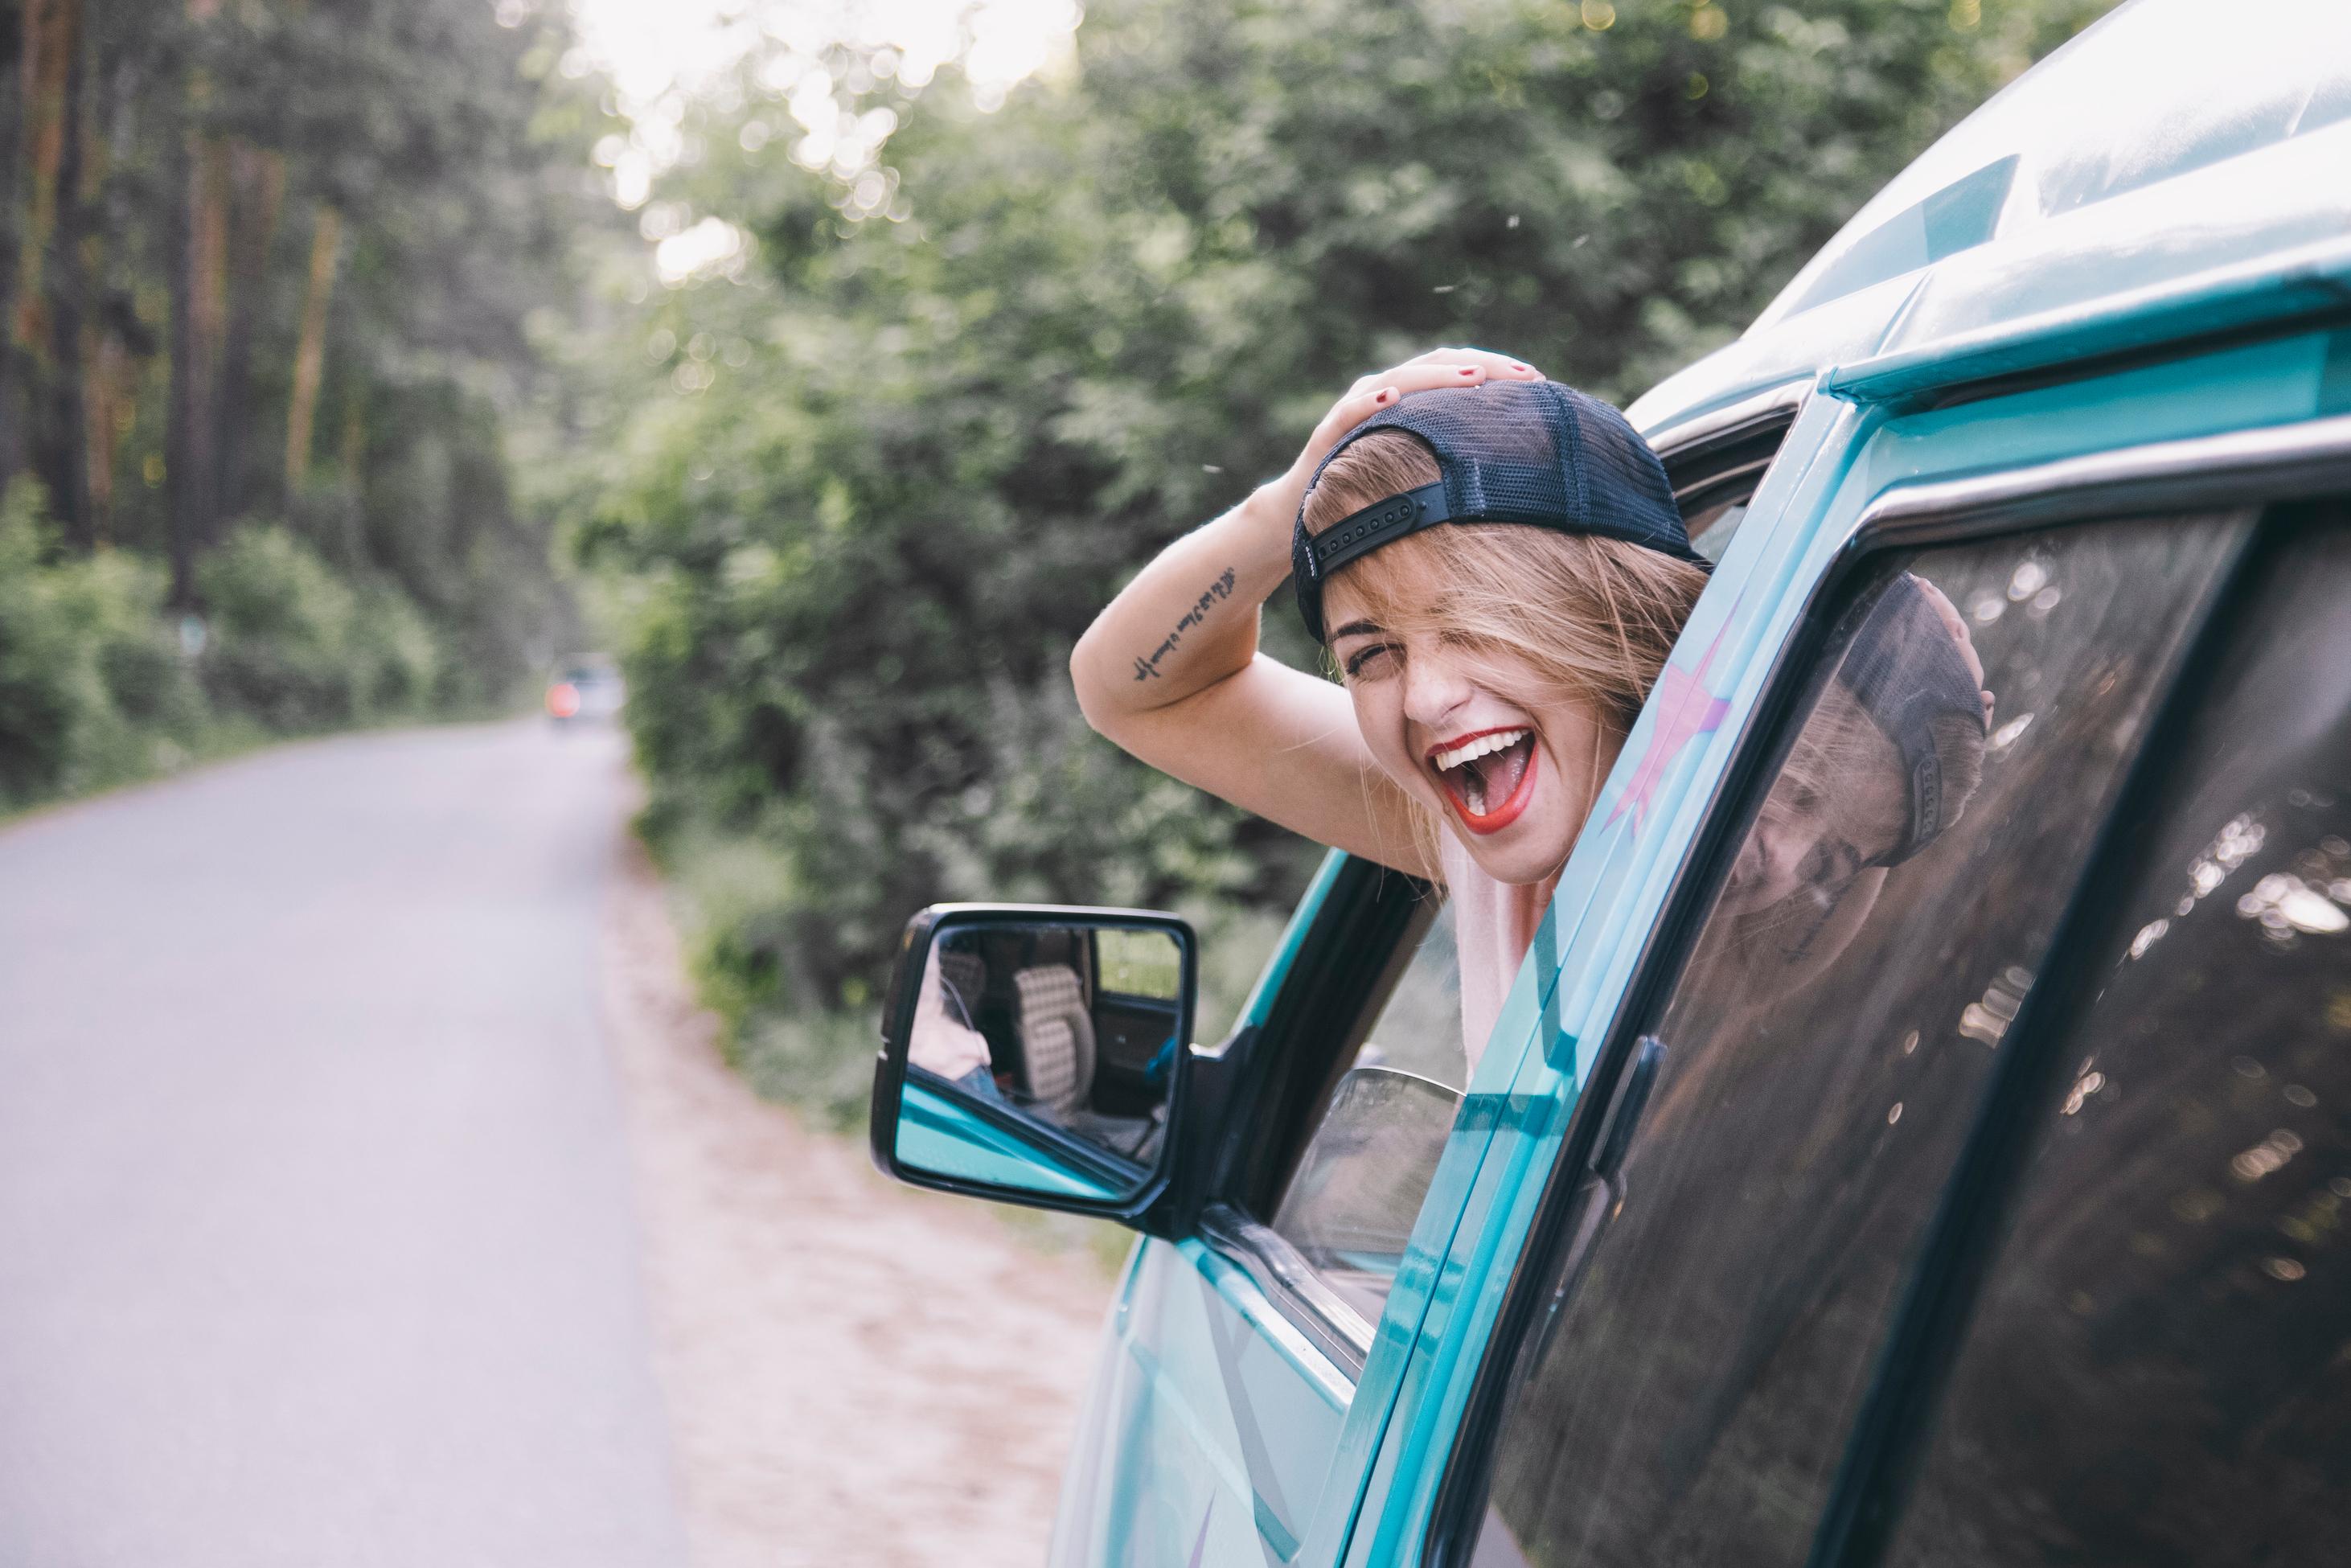 Junge Frau in einem alten VW Bus